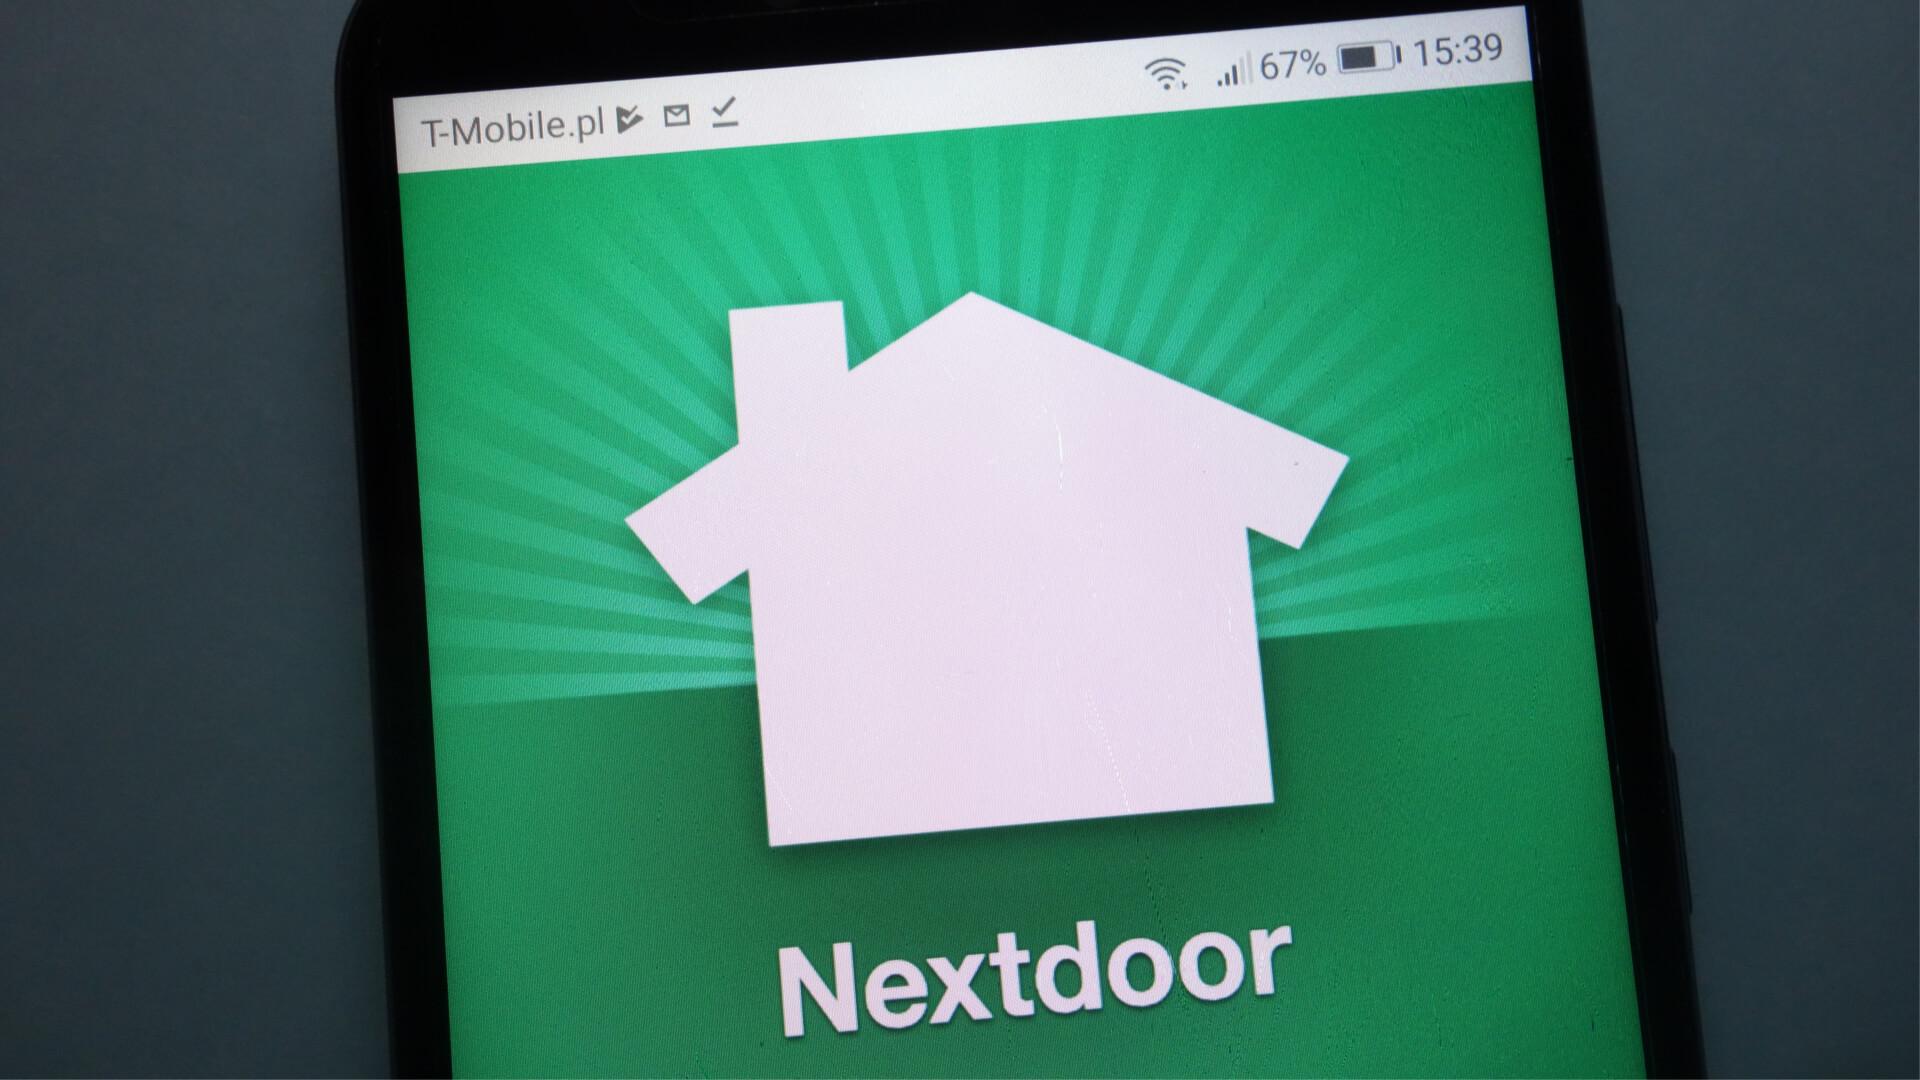 Nextdoor lanza Grupos y Mapa de ayuda en respuesta al brote de coronavirus